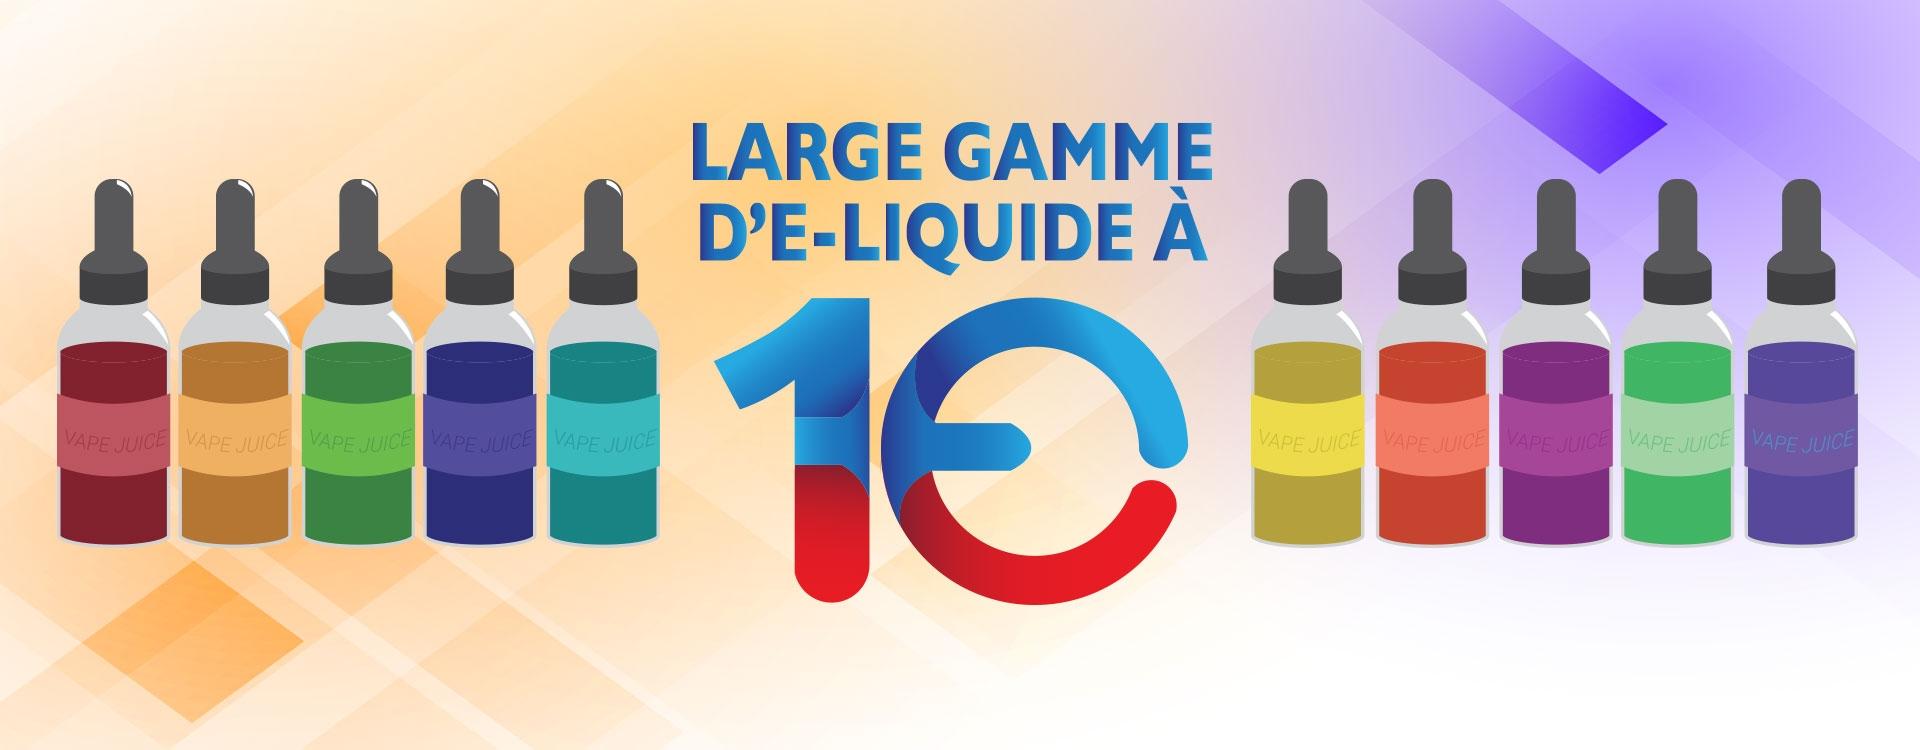 LARGE GAMME DE E-LIQUIDES À 1 EURO